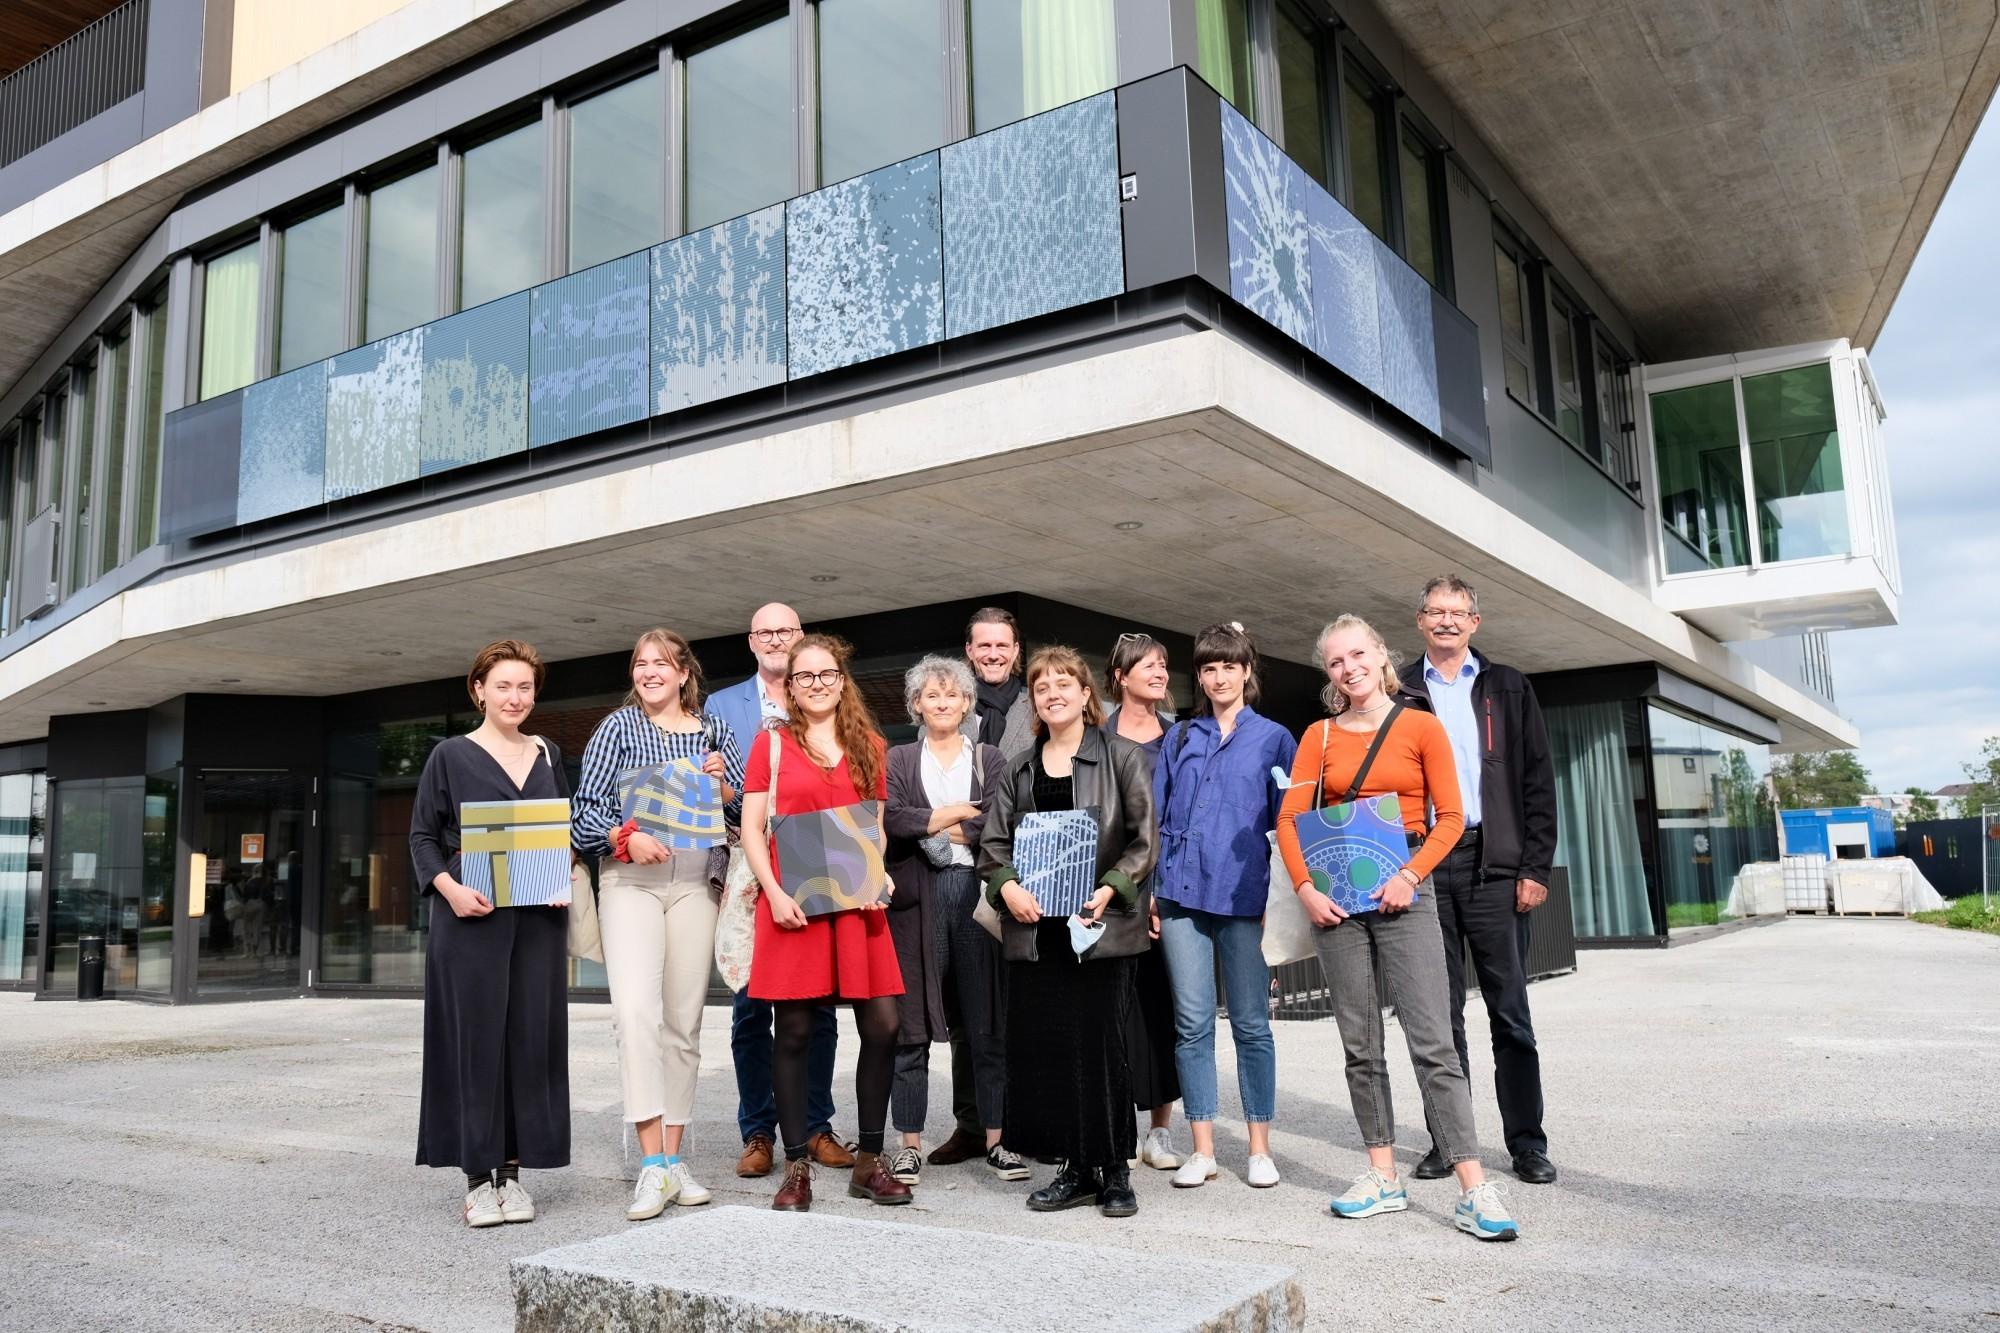 L'équipe de Lynn Balli a remporté le prix d'un concours de design interdisciplinaire é Dübendorf